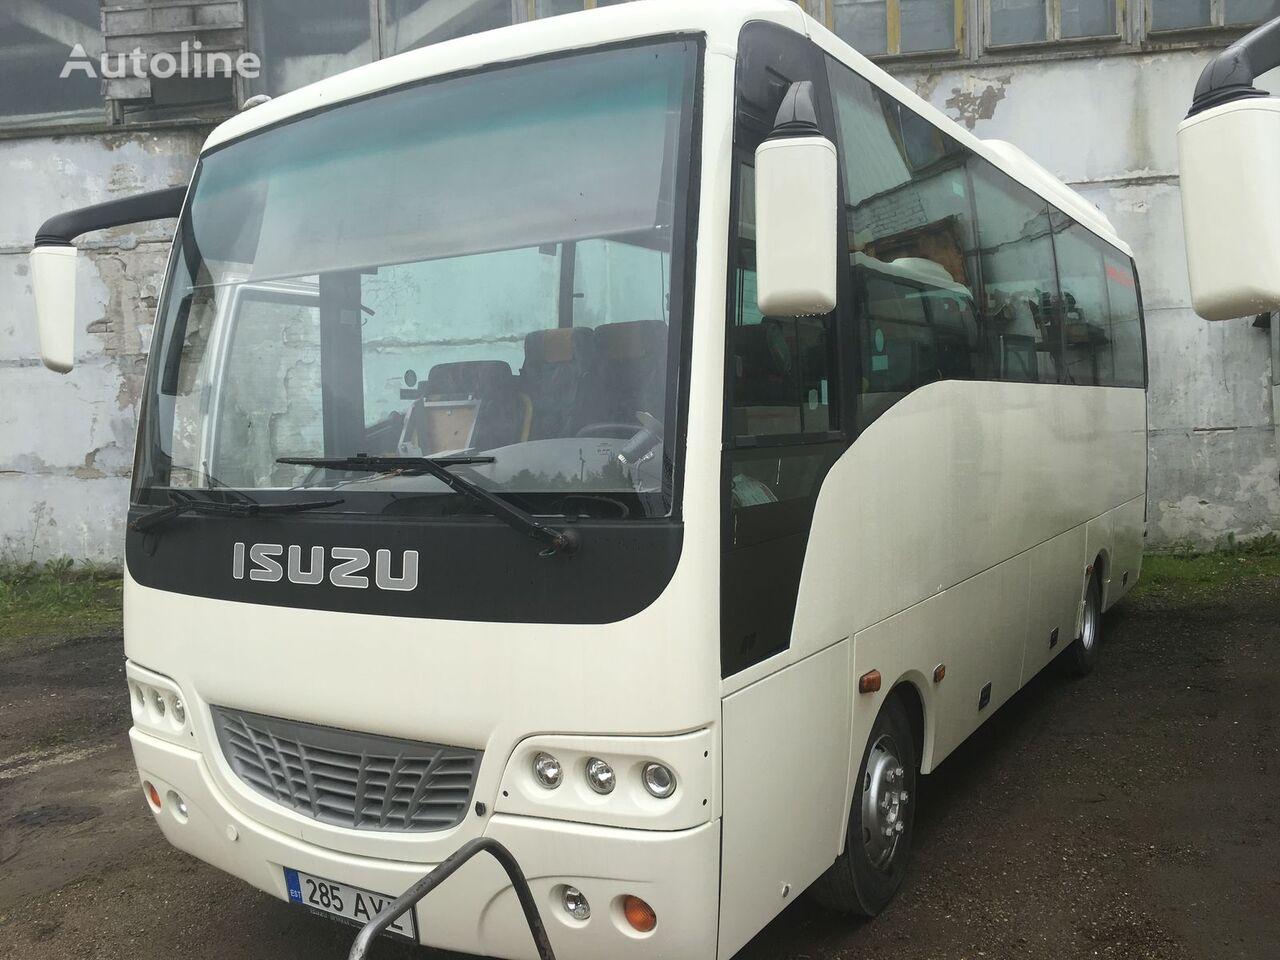 ISUZU Turquoise starppilsētu piepilsētas autobuss